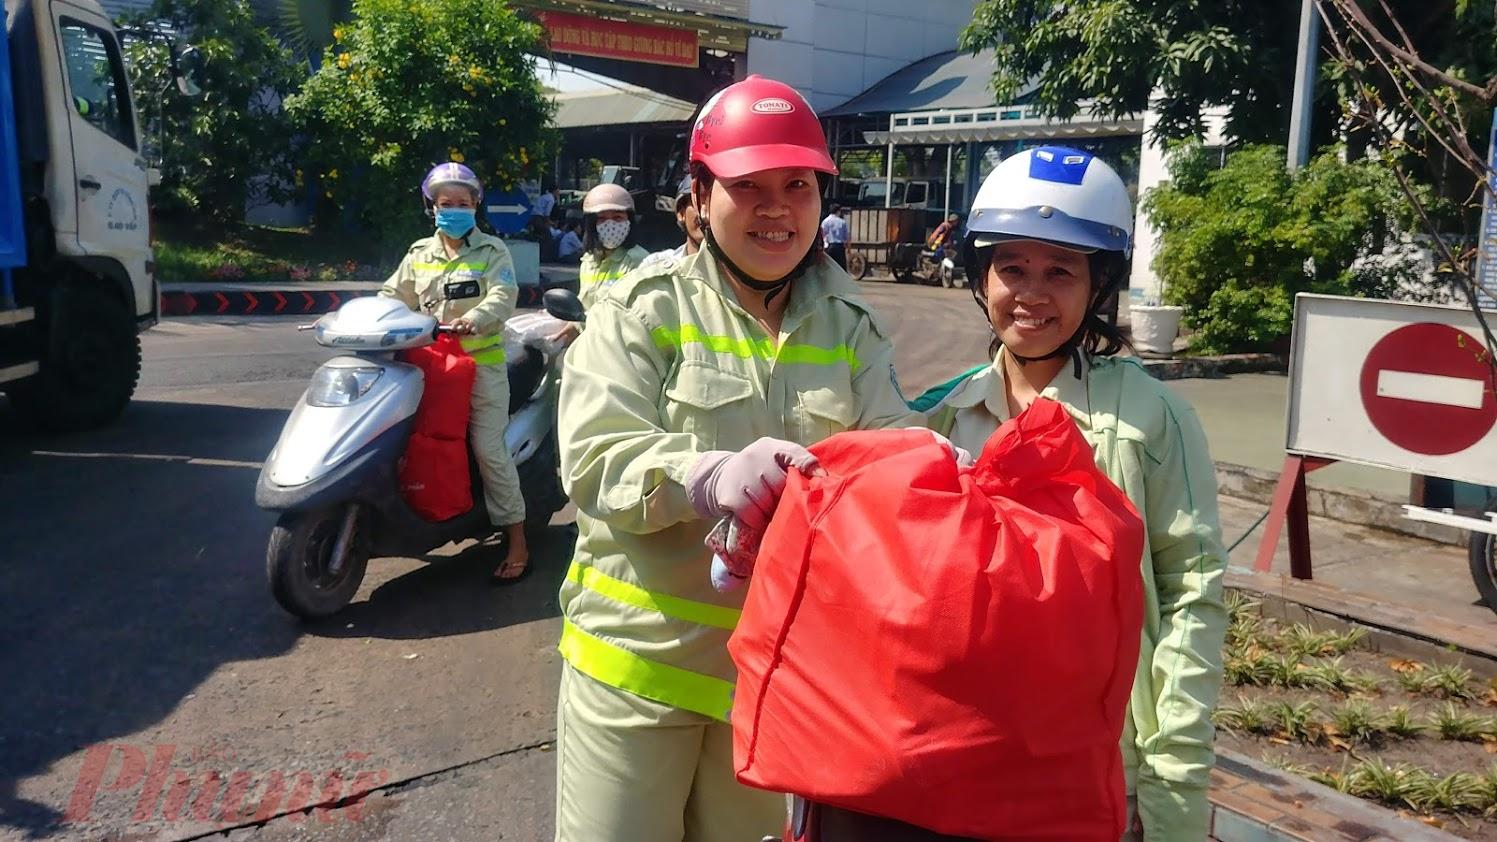 Niềm vui của những người công nhân môi trường trong những ngày giáp tết.